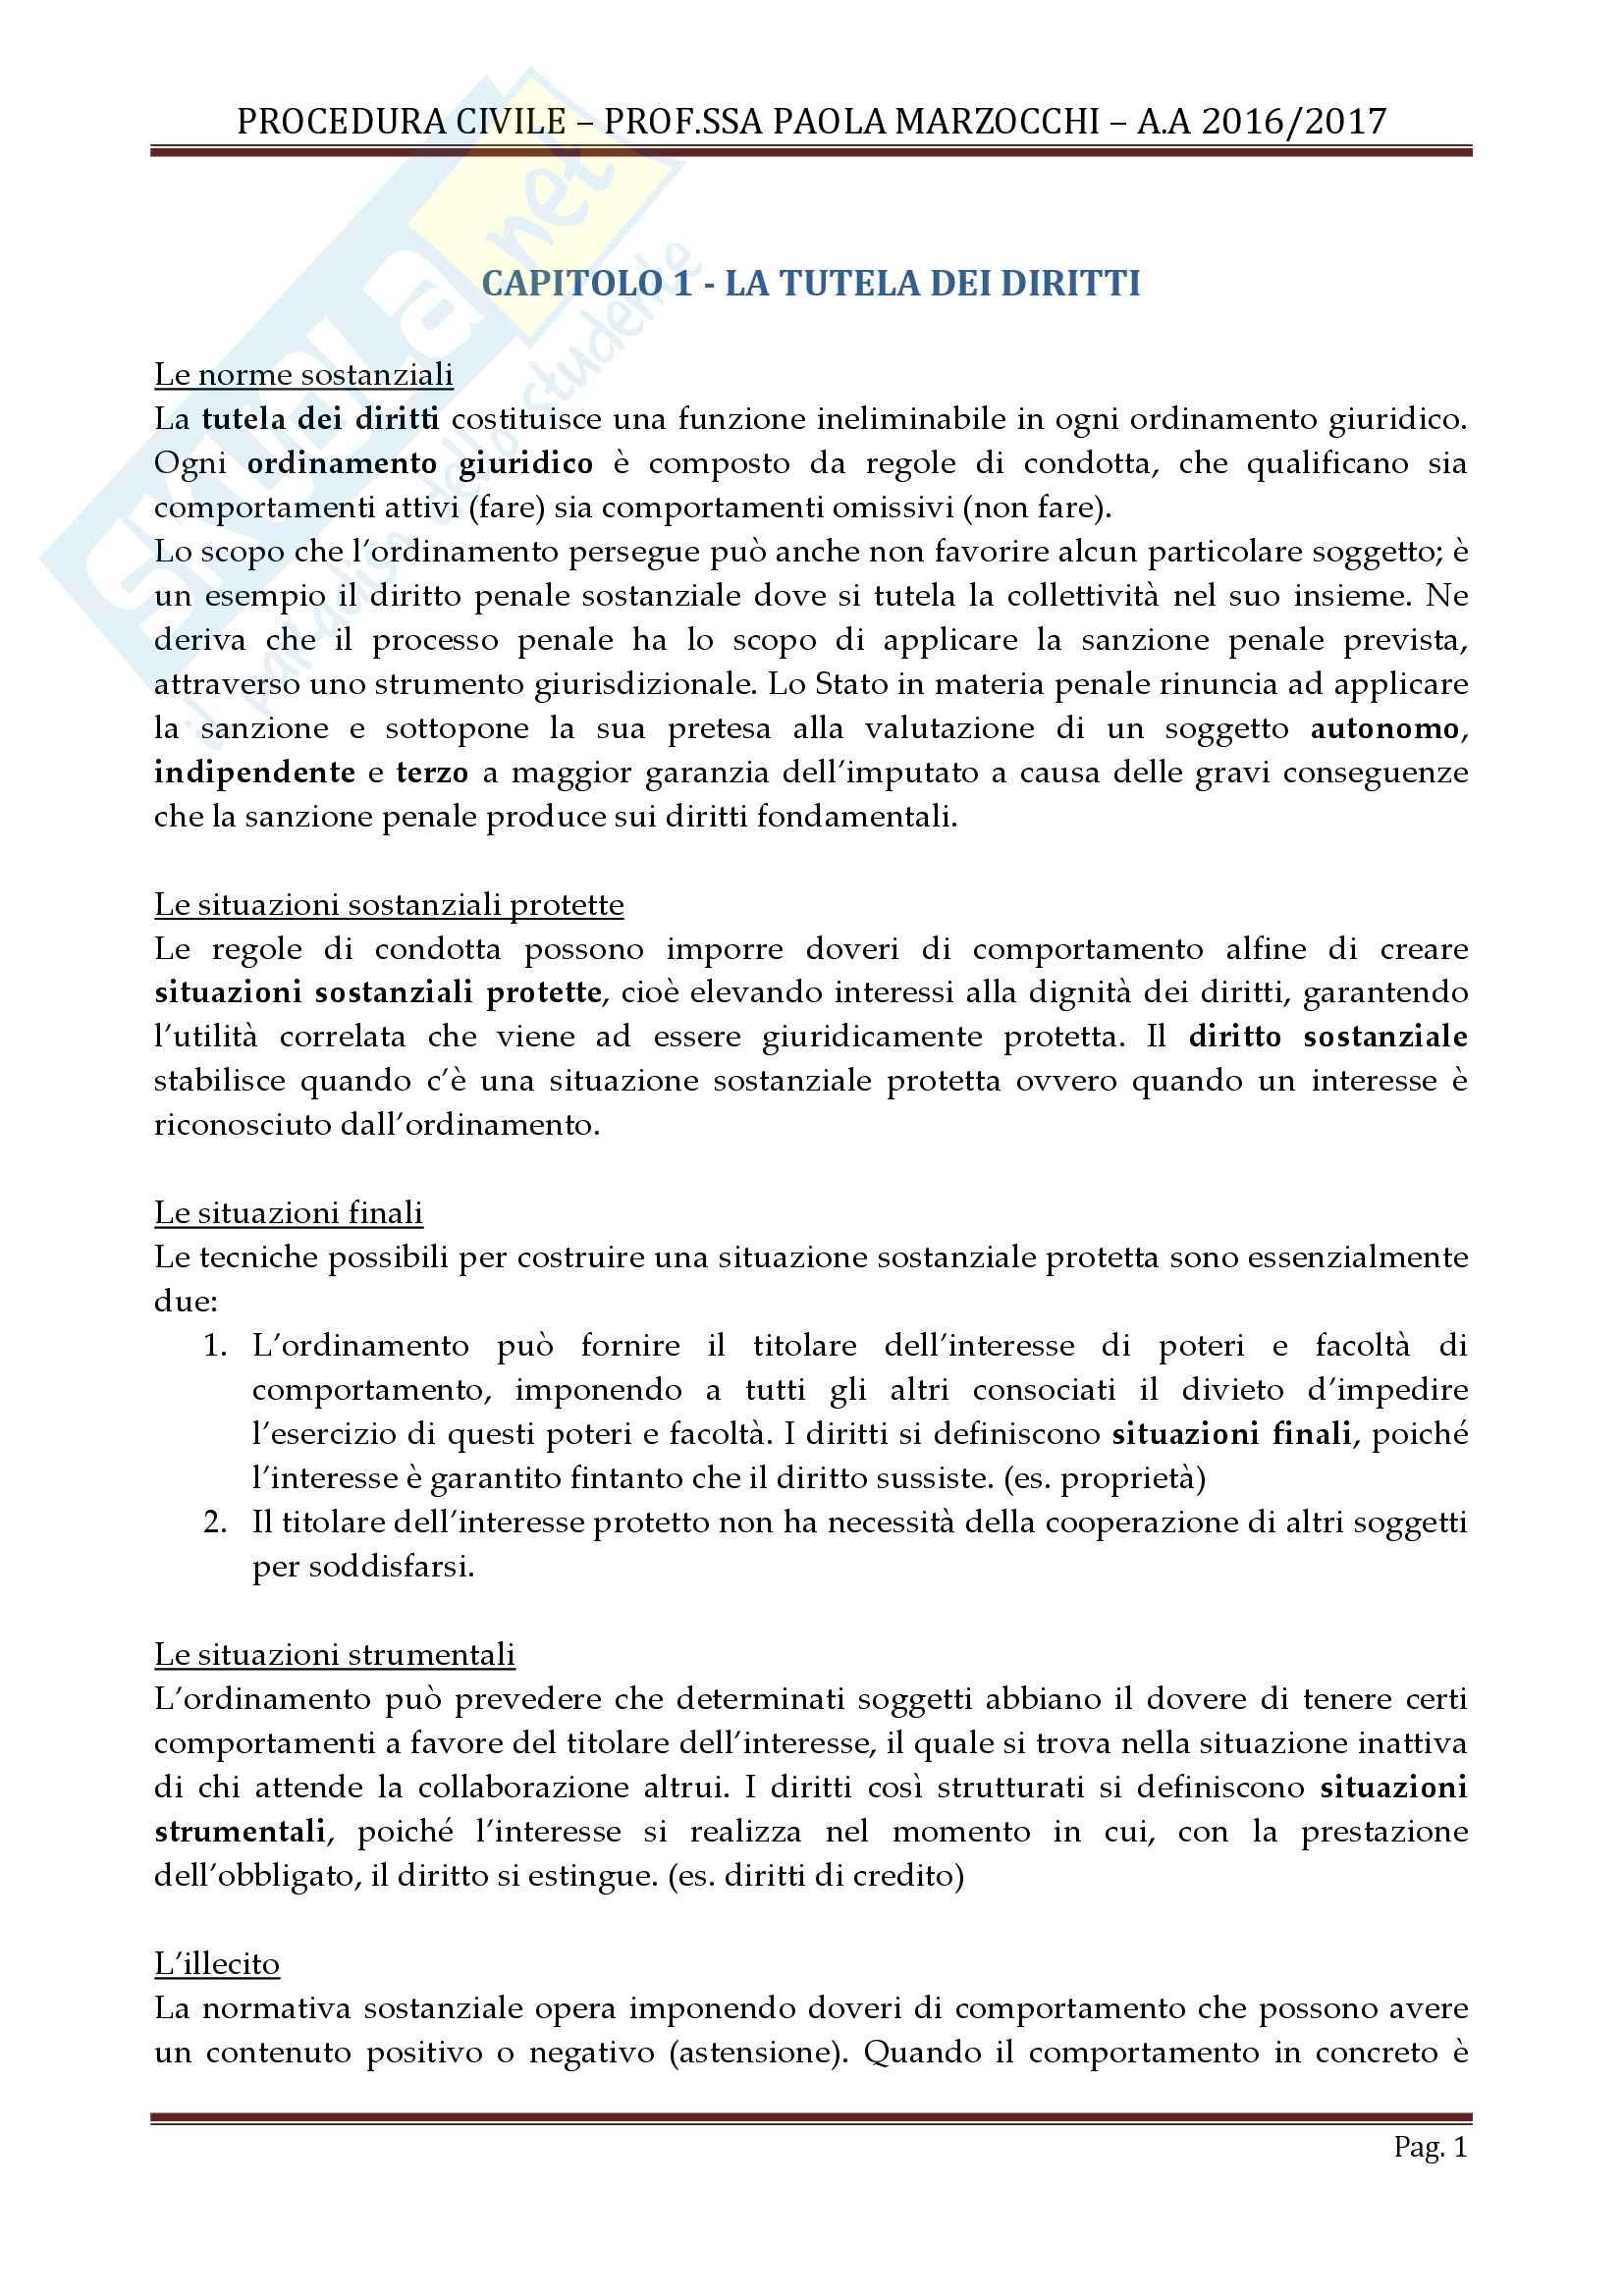 Procedura civile LM